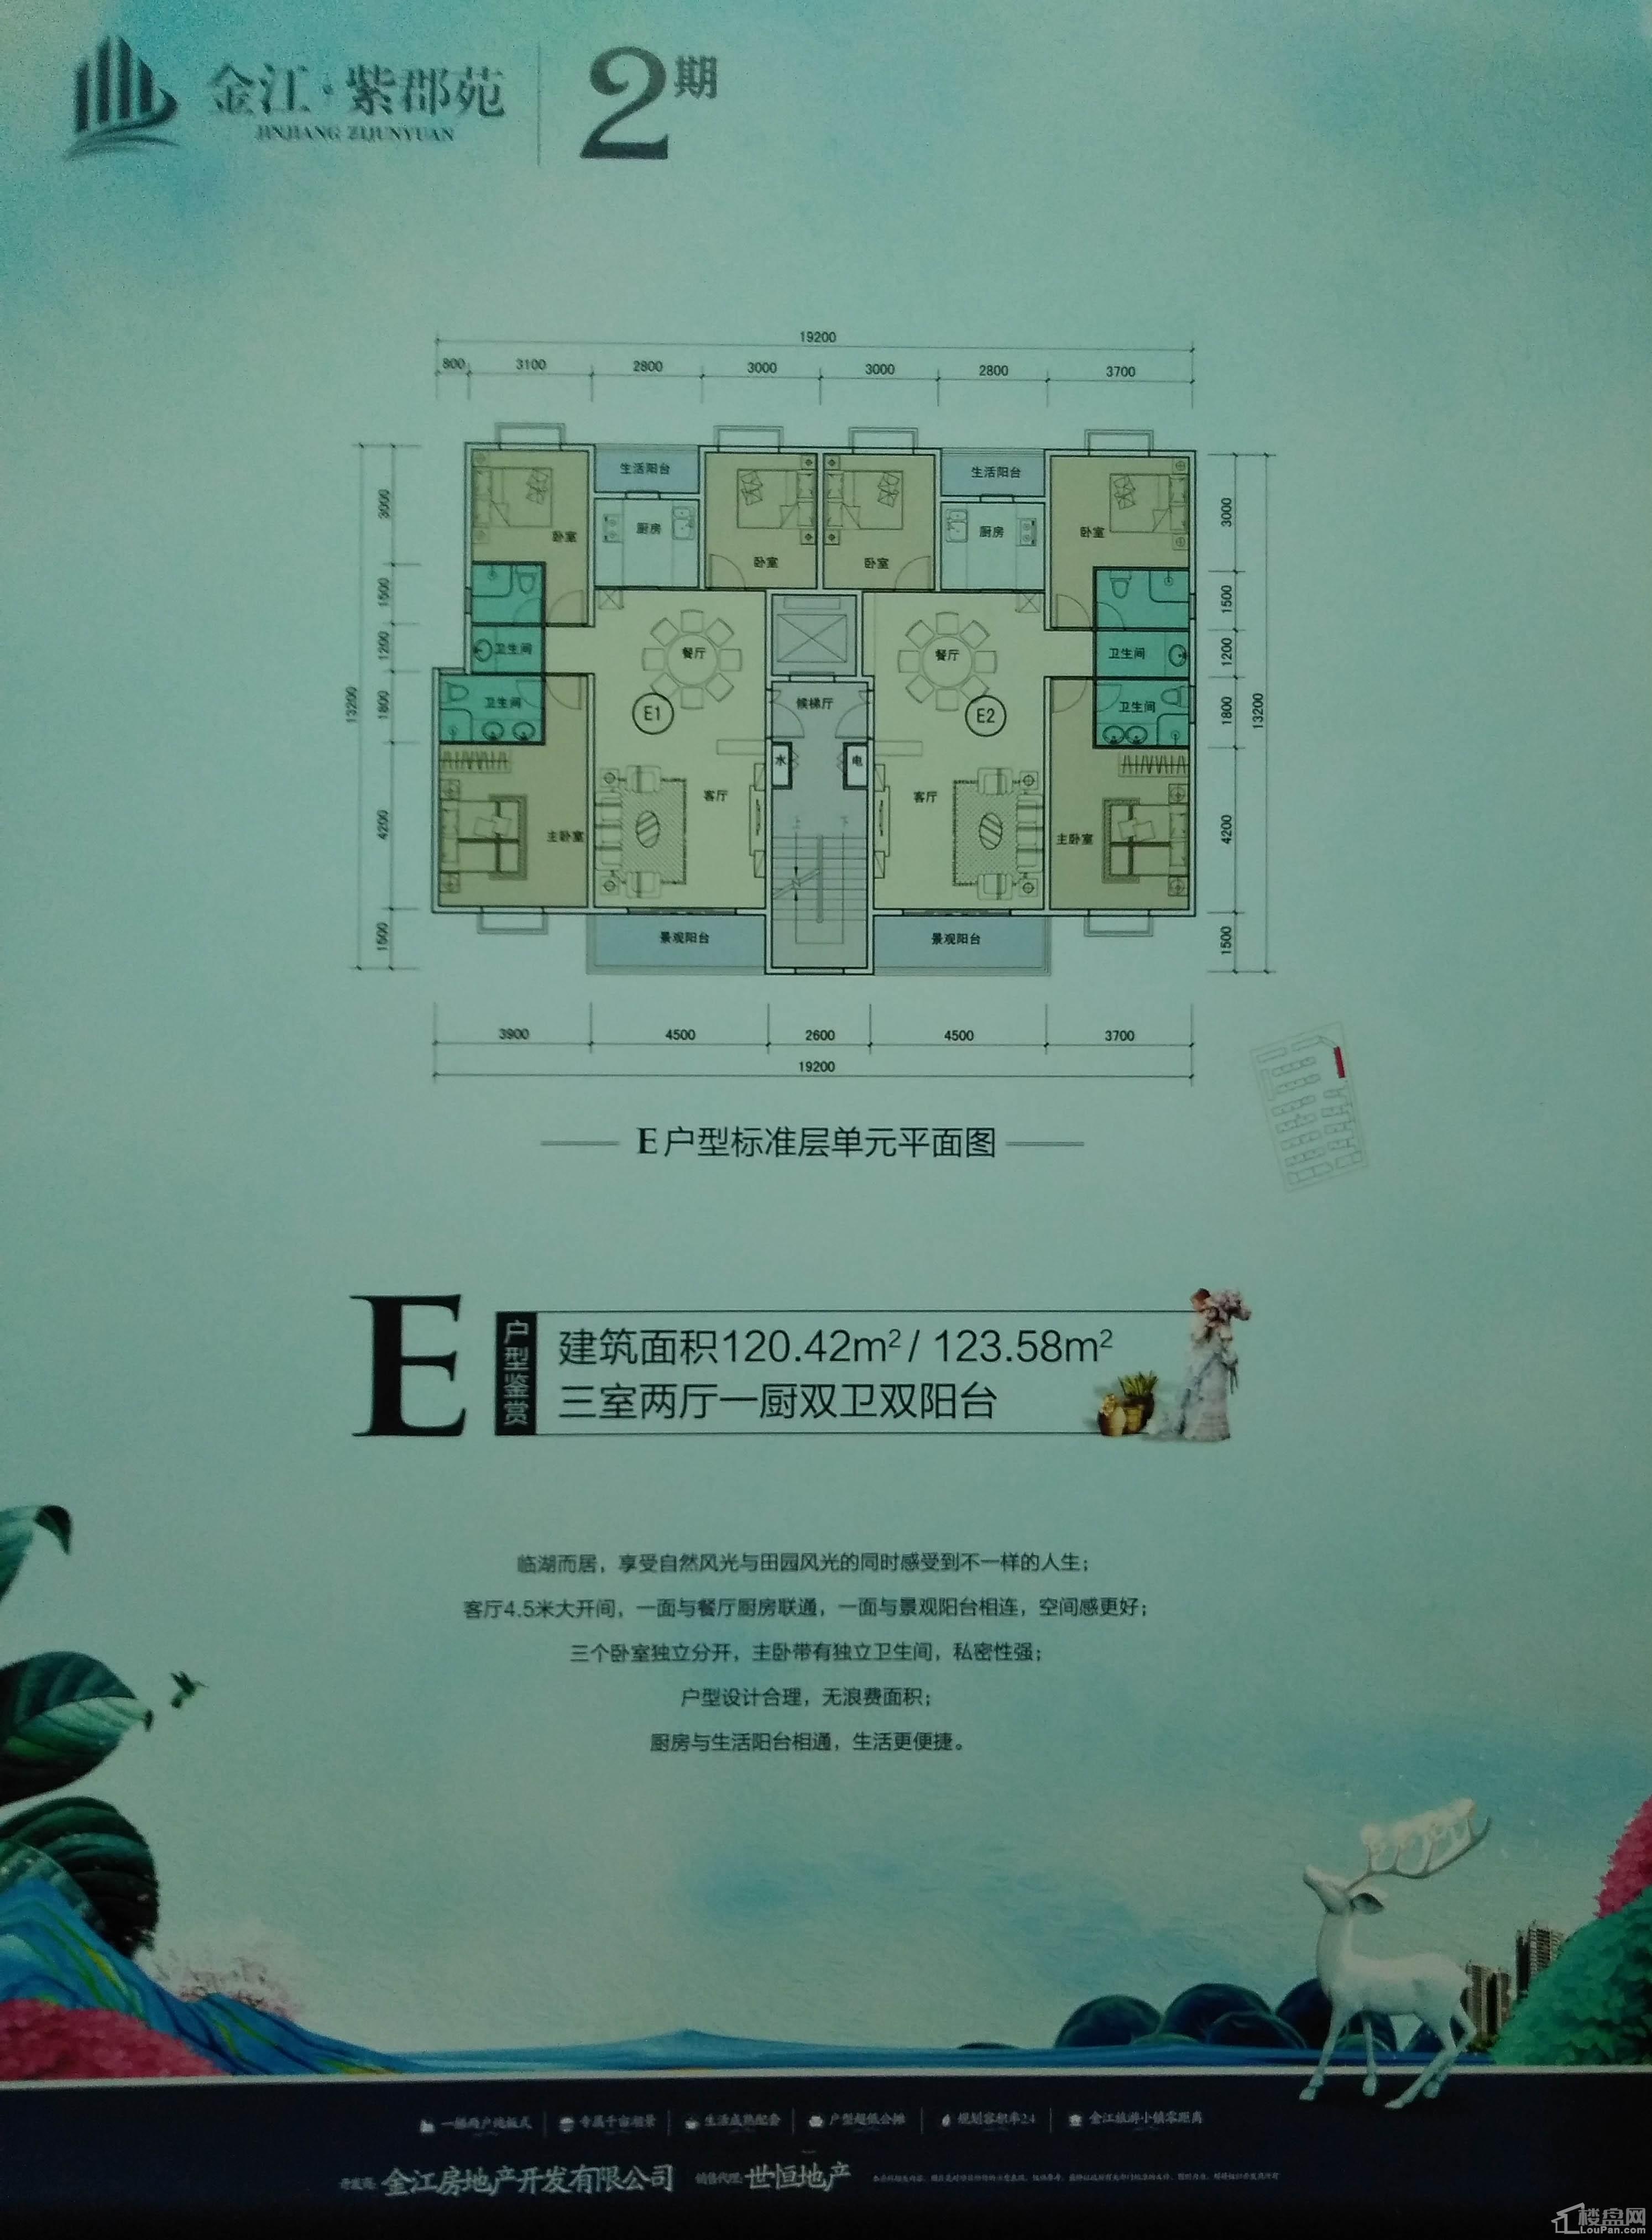 二期E户型 三房两厅一厨双卫双阳台 120.42㎡/123.58㎡